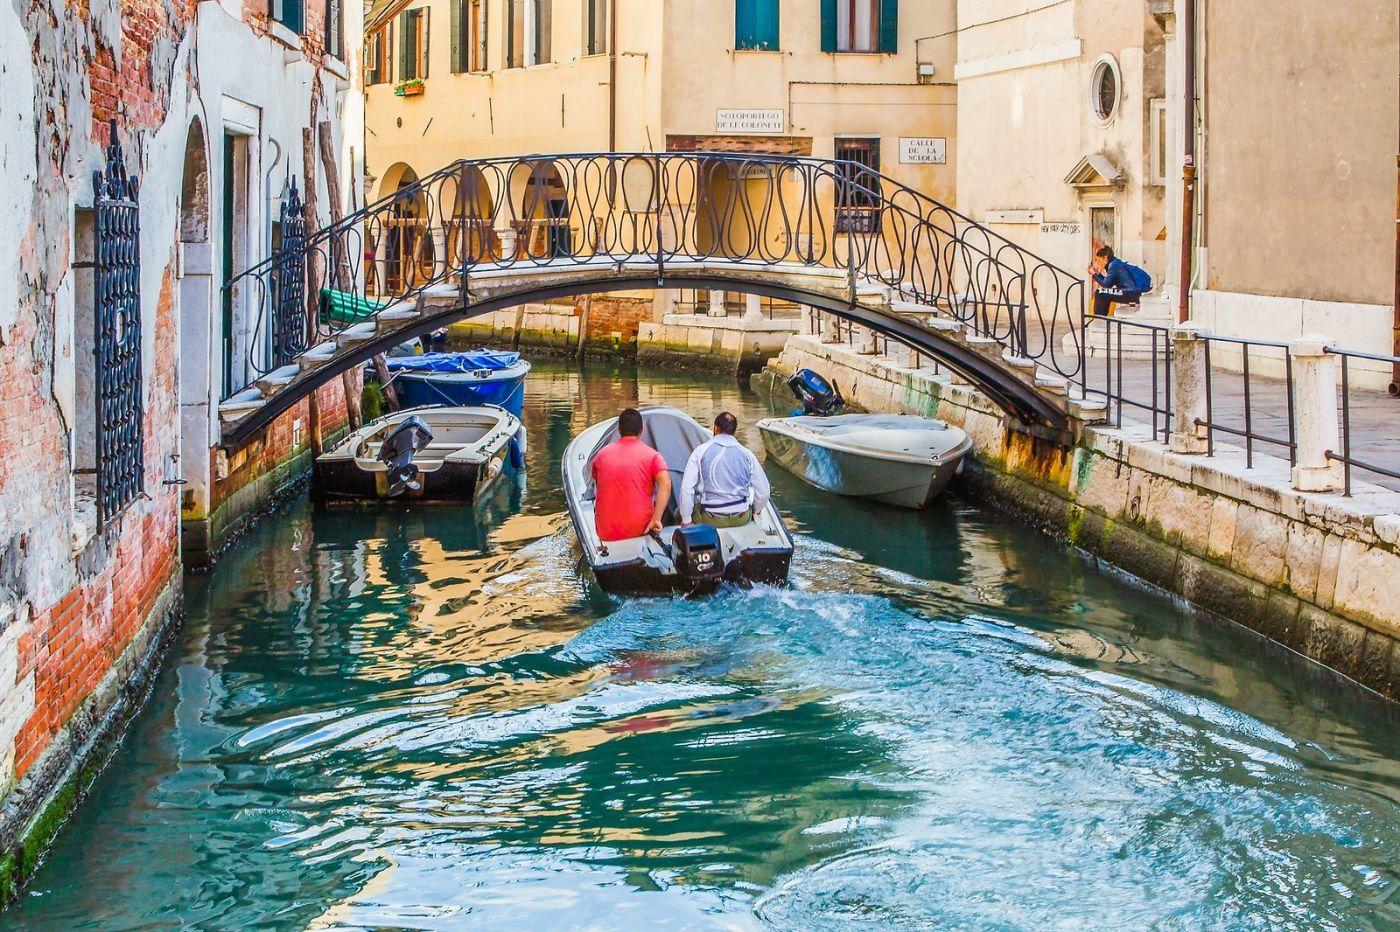 意大利威尼斯,桥的艺术_图1-12